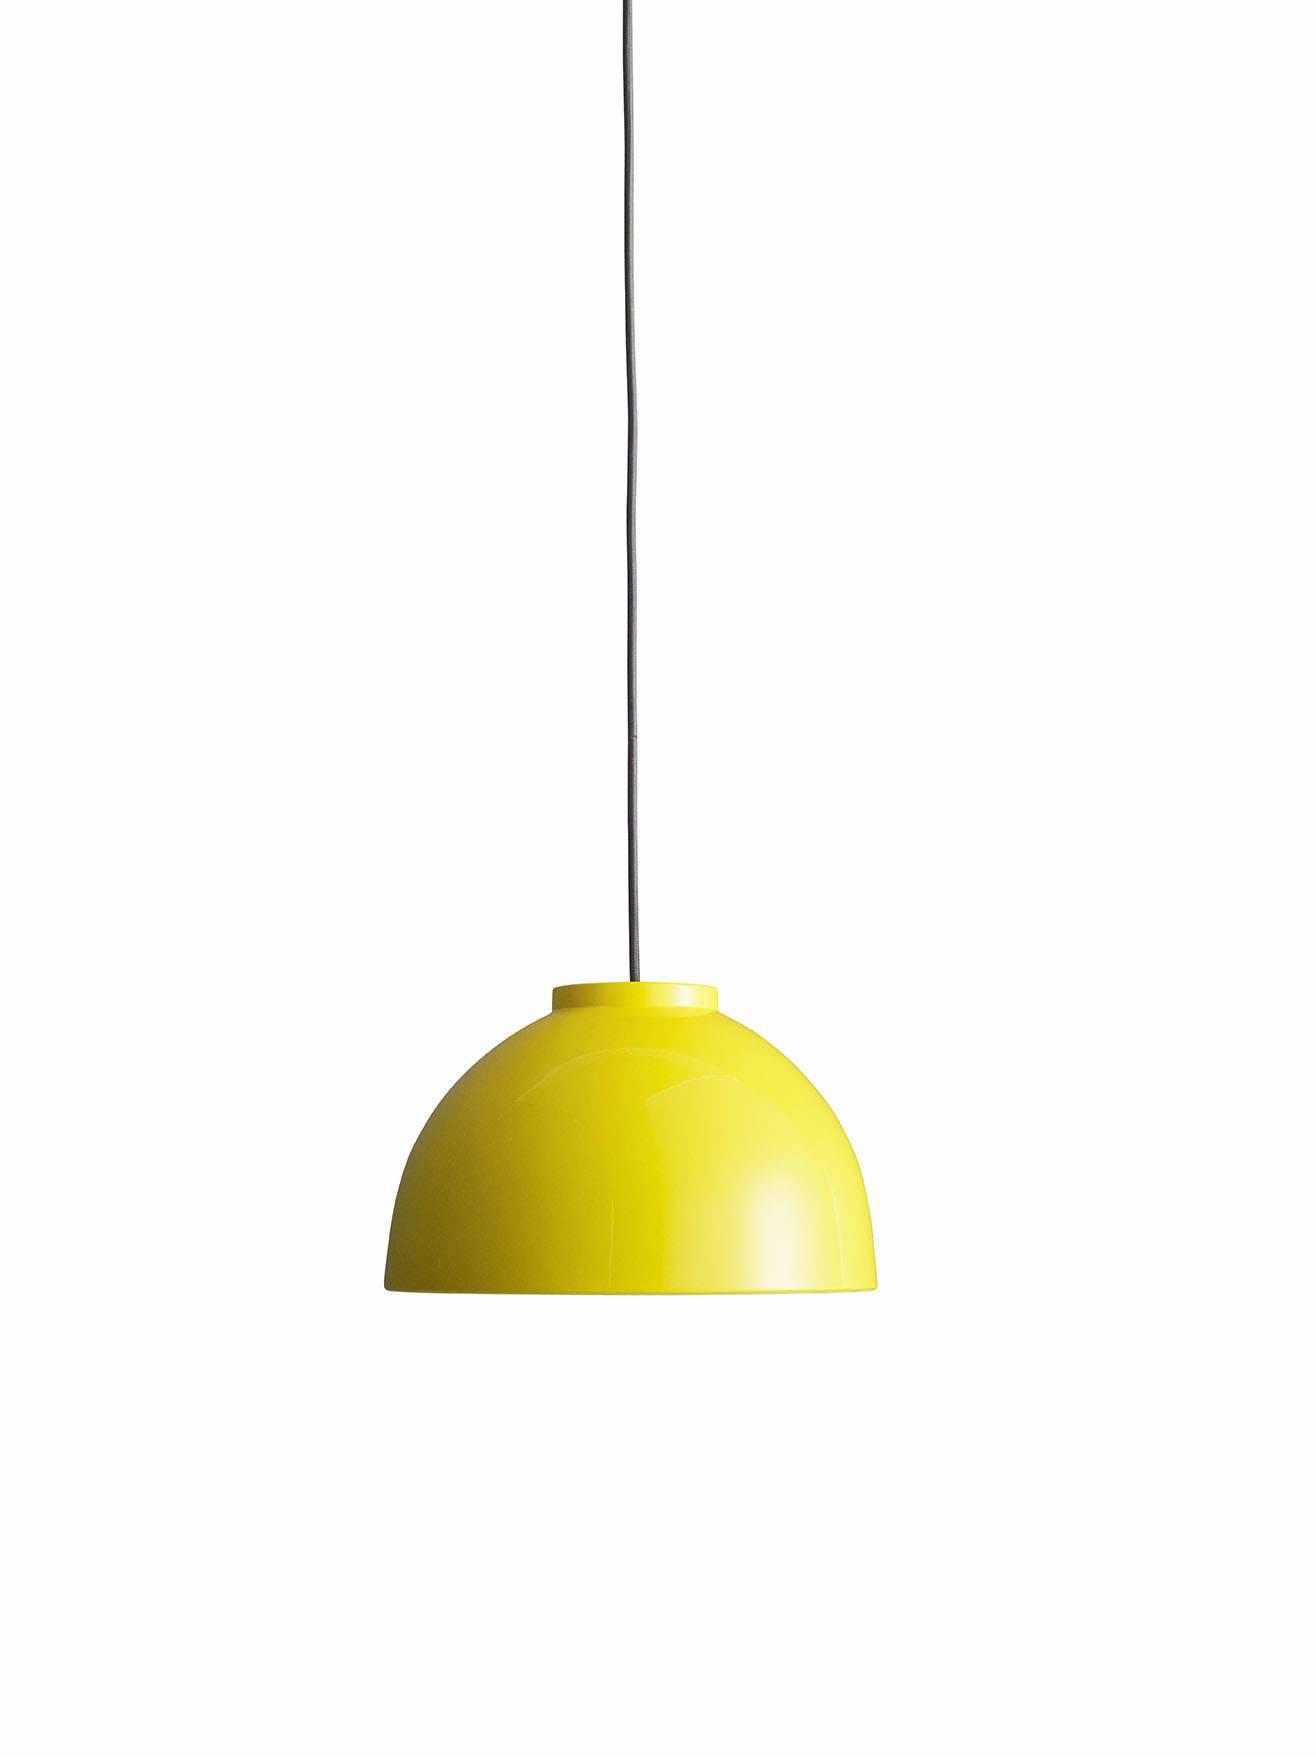 Tine Lampen er designet i 2007 af Jens-Christian Jensen. Lampen er håndlavet i optrykt aluminium